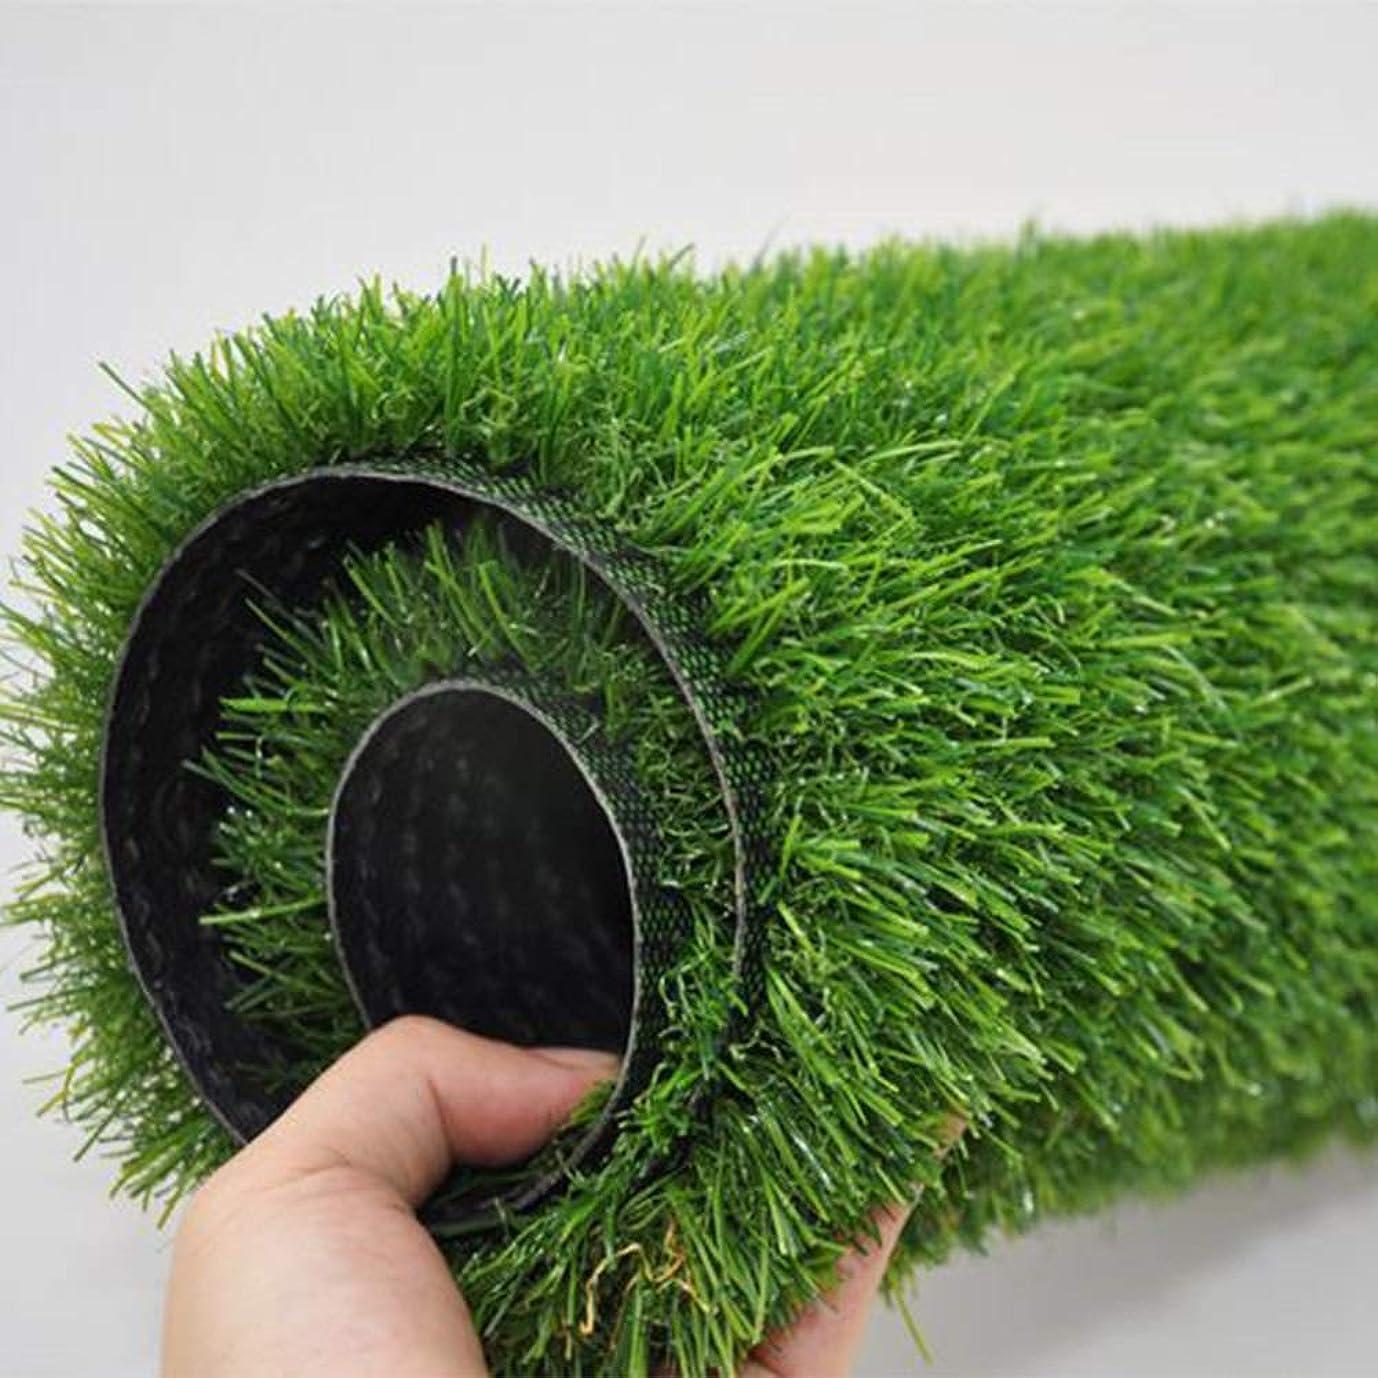 バラエティソーシャルメディアGAPING 人工芝、人工芝、屋内と屋外の風景に適した人工芝敷物、面積1x2m、高さ15mm、2色あり (Color : B 1x4m)